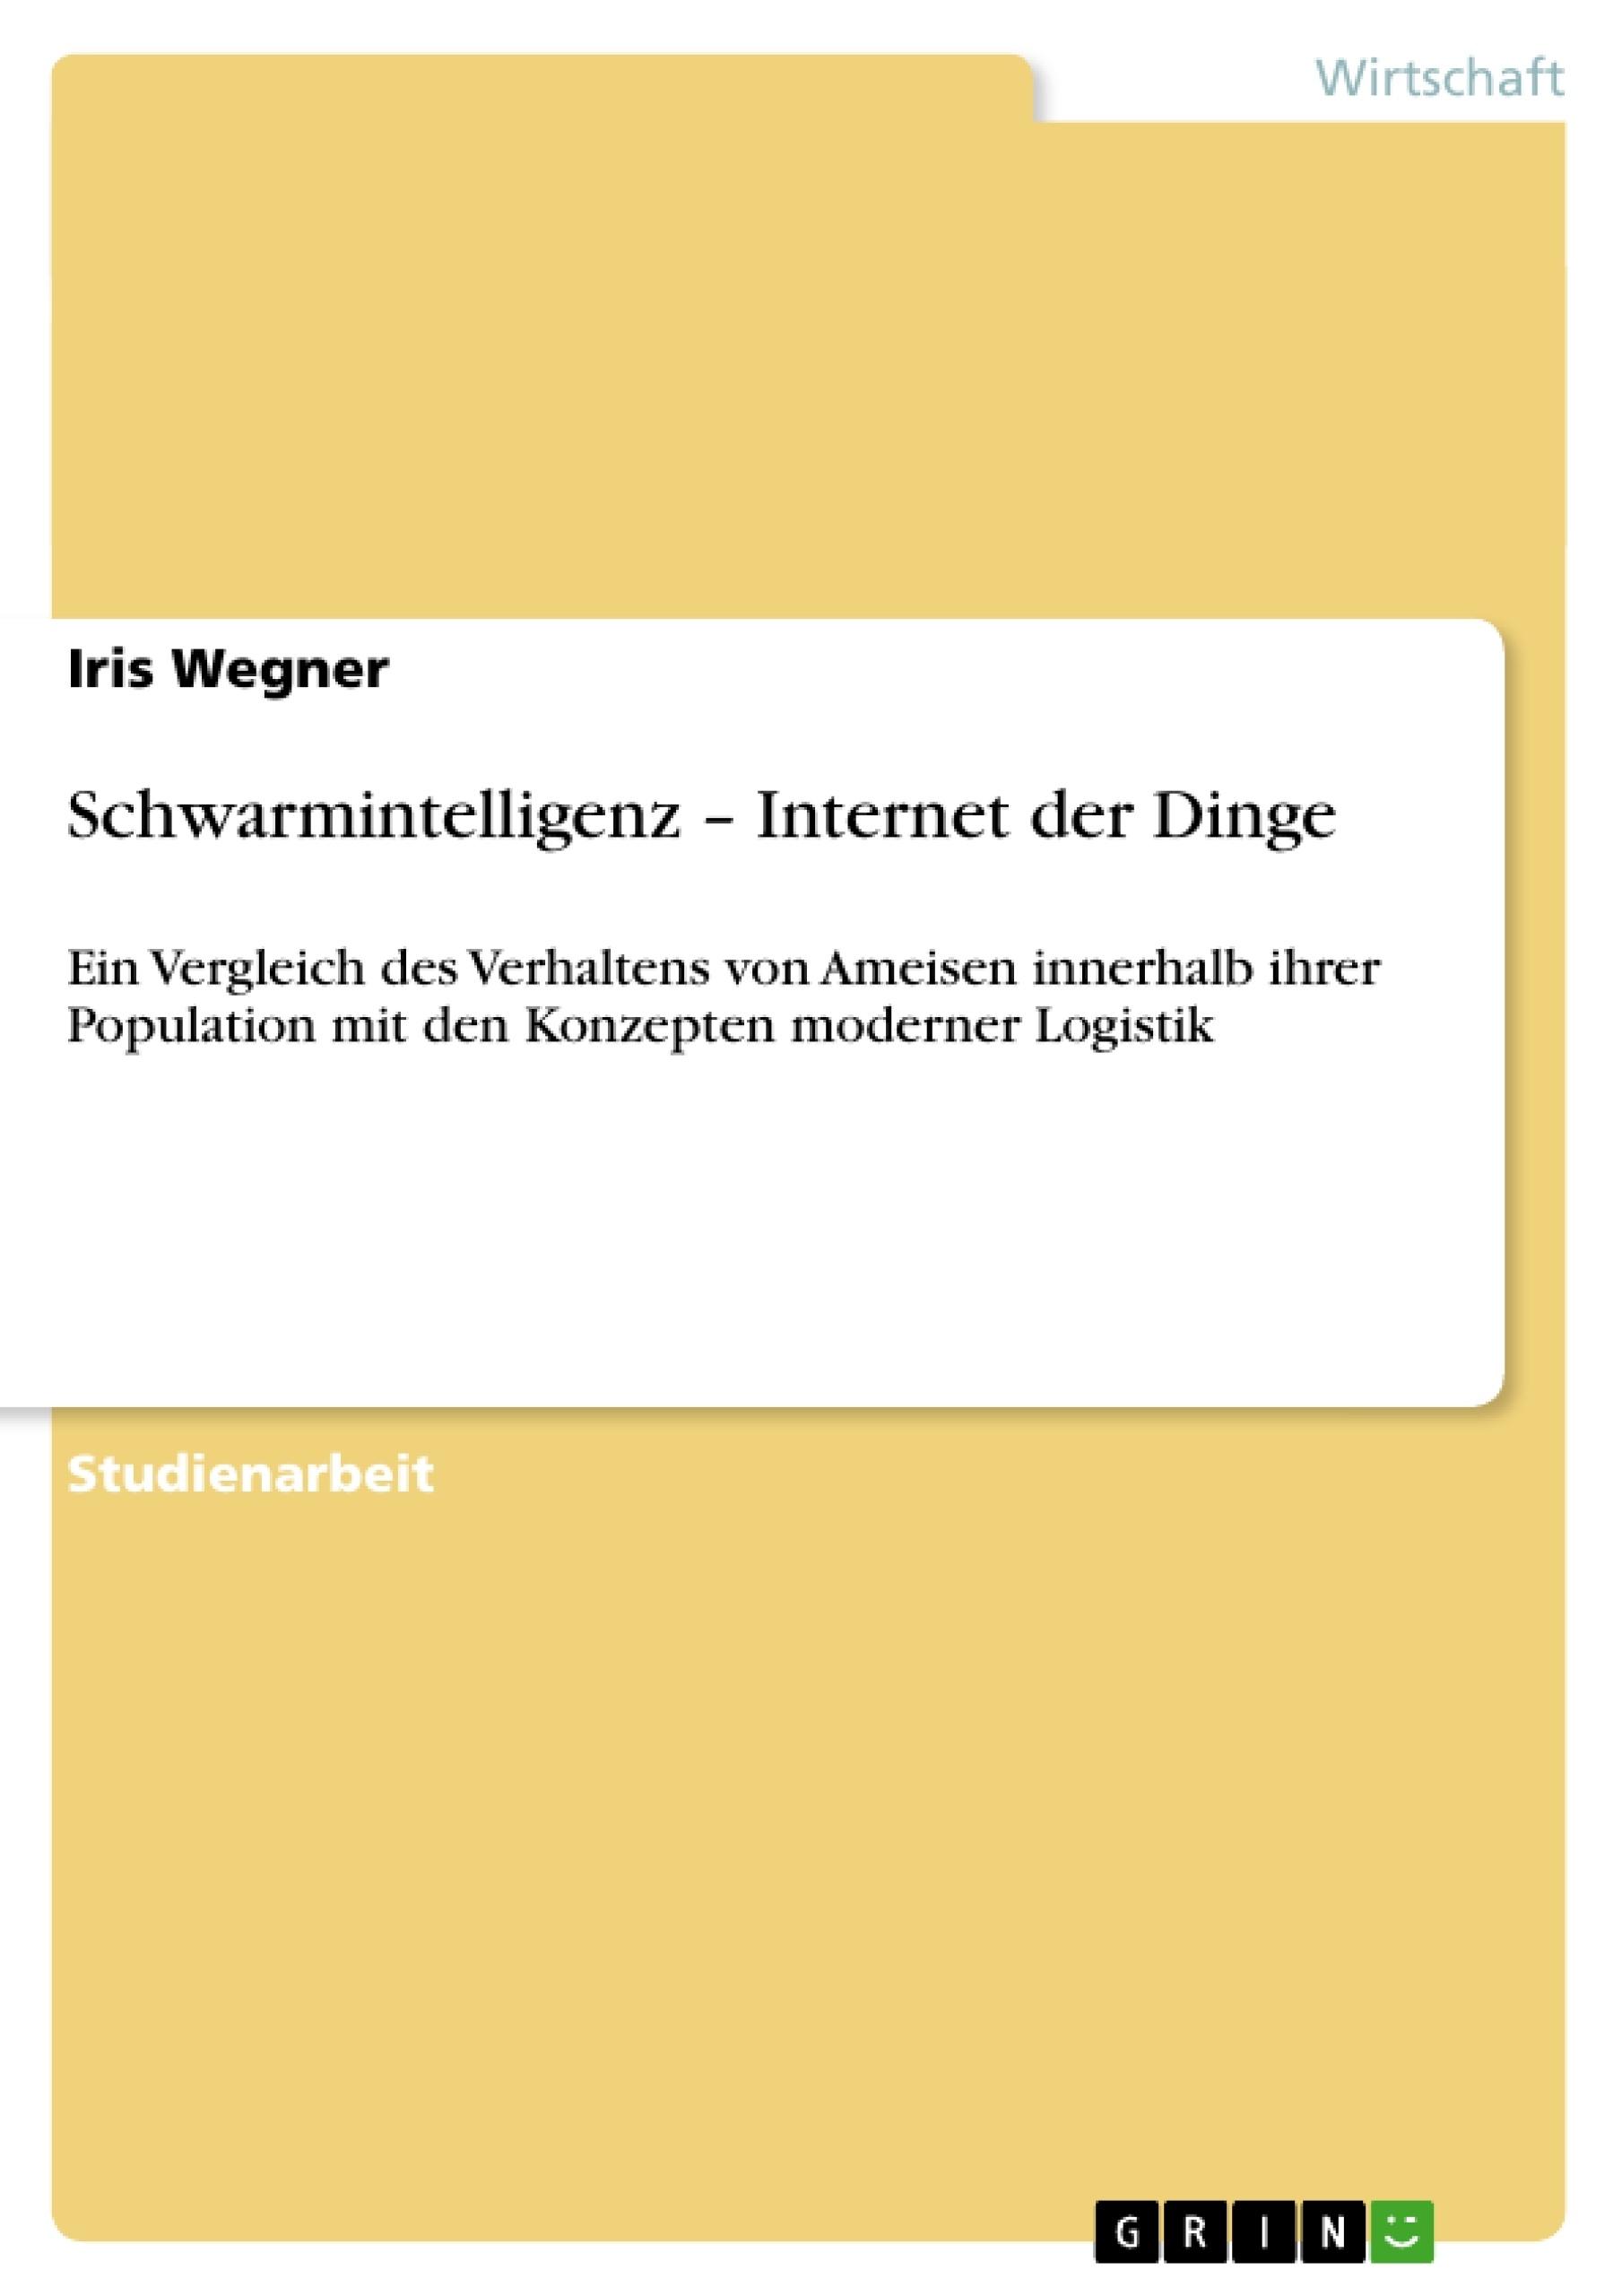 Titel: Schwarmintelligenz – Internet der Dinge